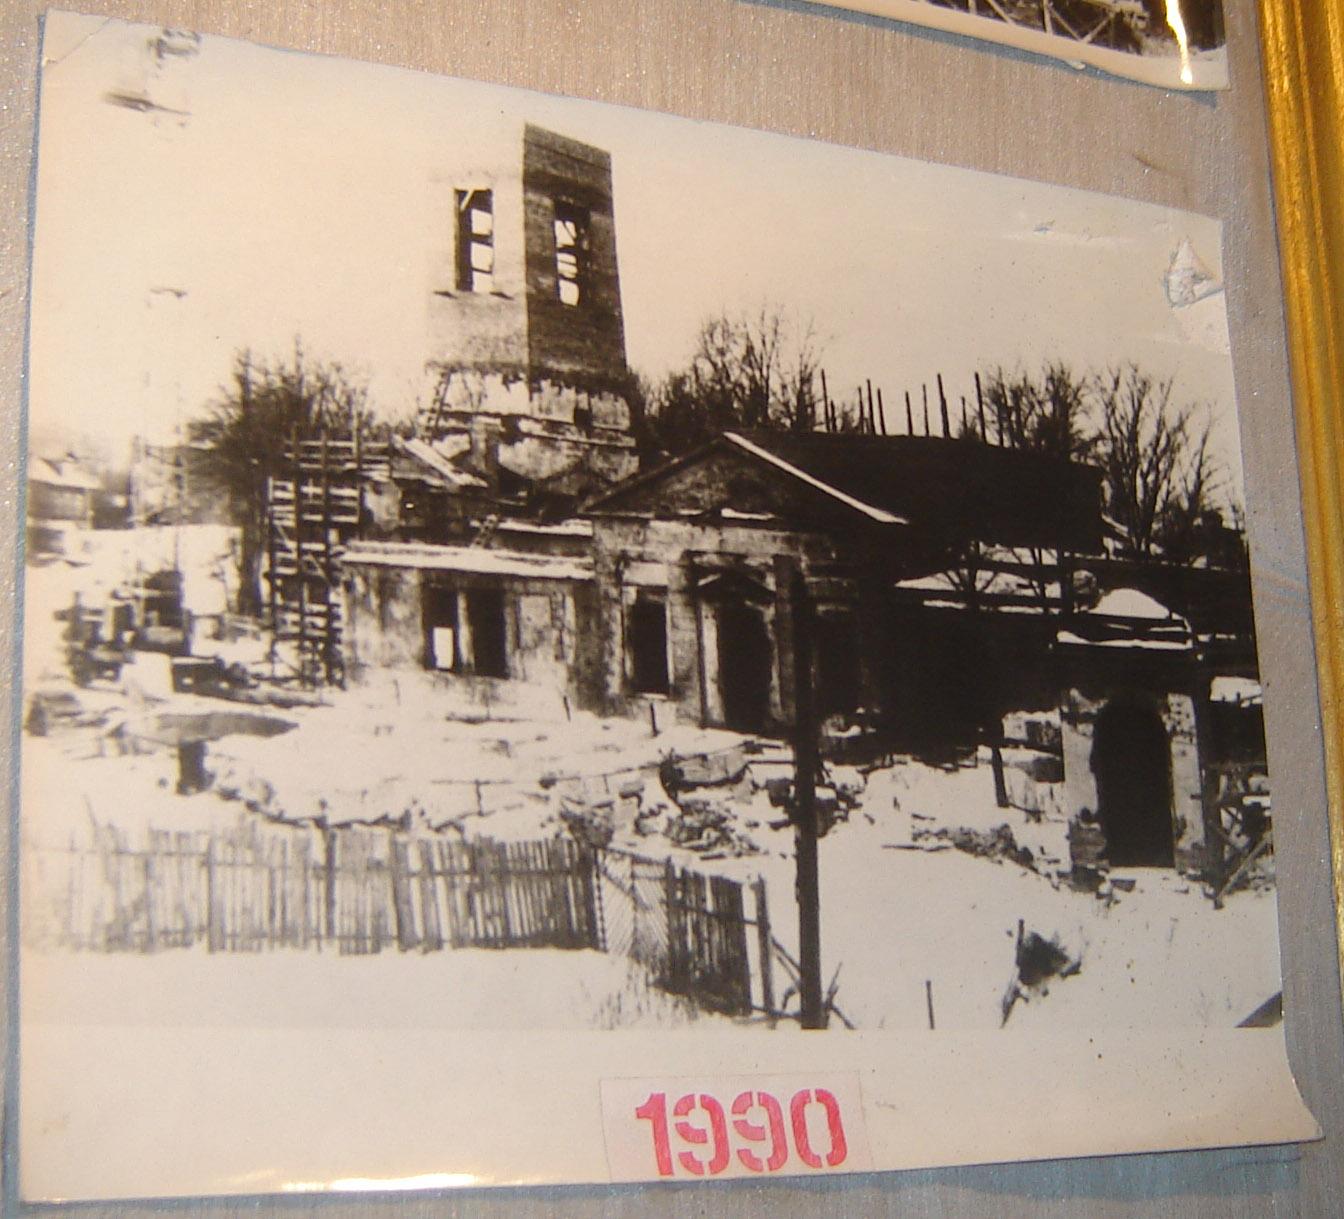 Церковь Святого Александра Невского в Усть-Ижоре 1990 год